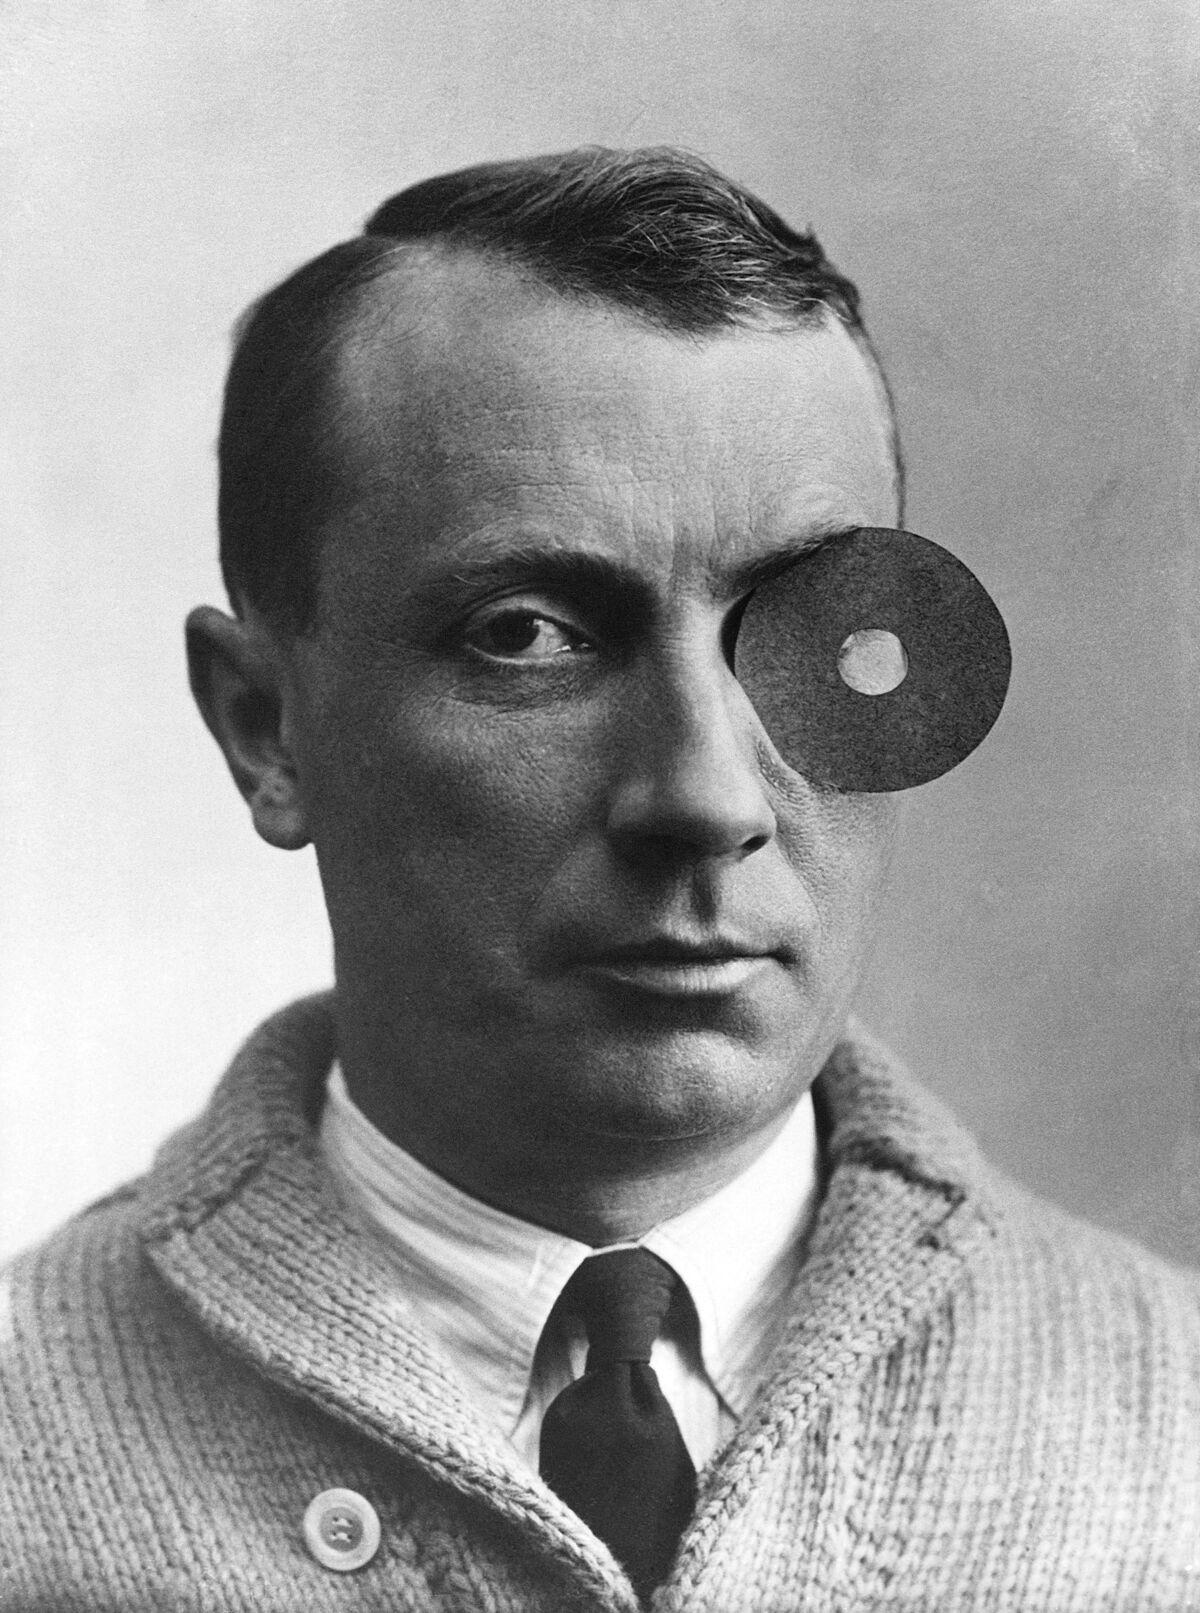 Portrait of Arp, ca. 1926. Courtesy of Stiftung Arp e.V., Berlin/Rolandswerth.